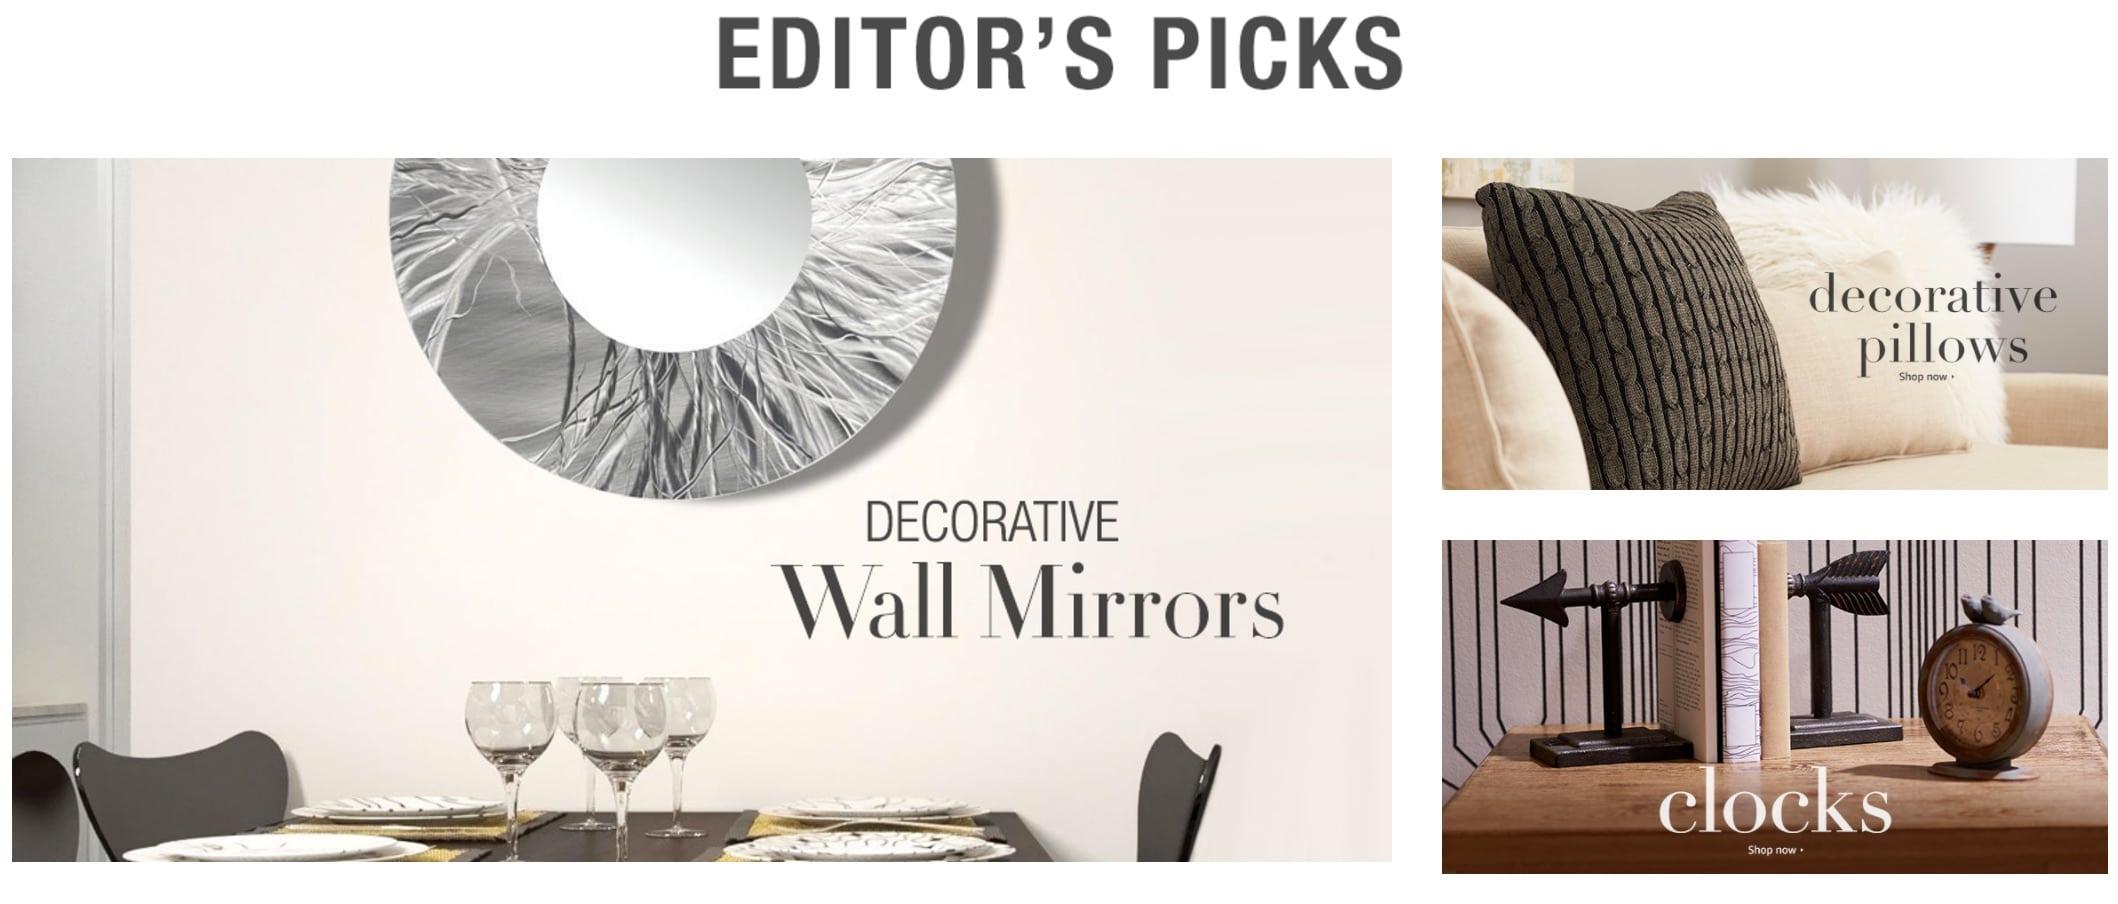 Home_Decor-Amazon-Editors-Picks